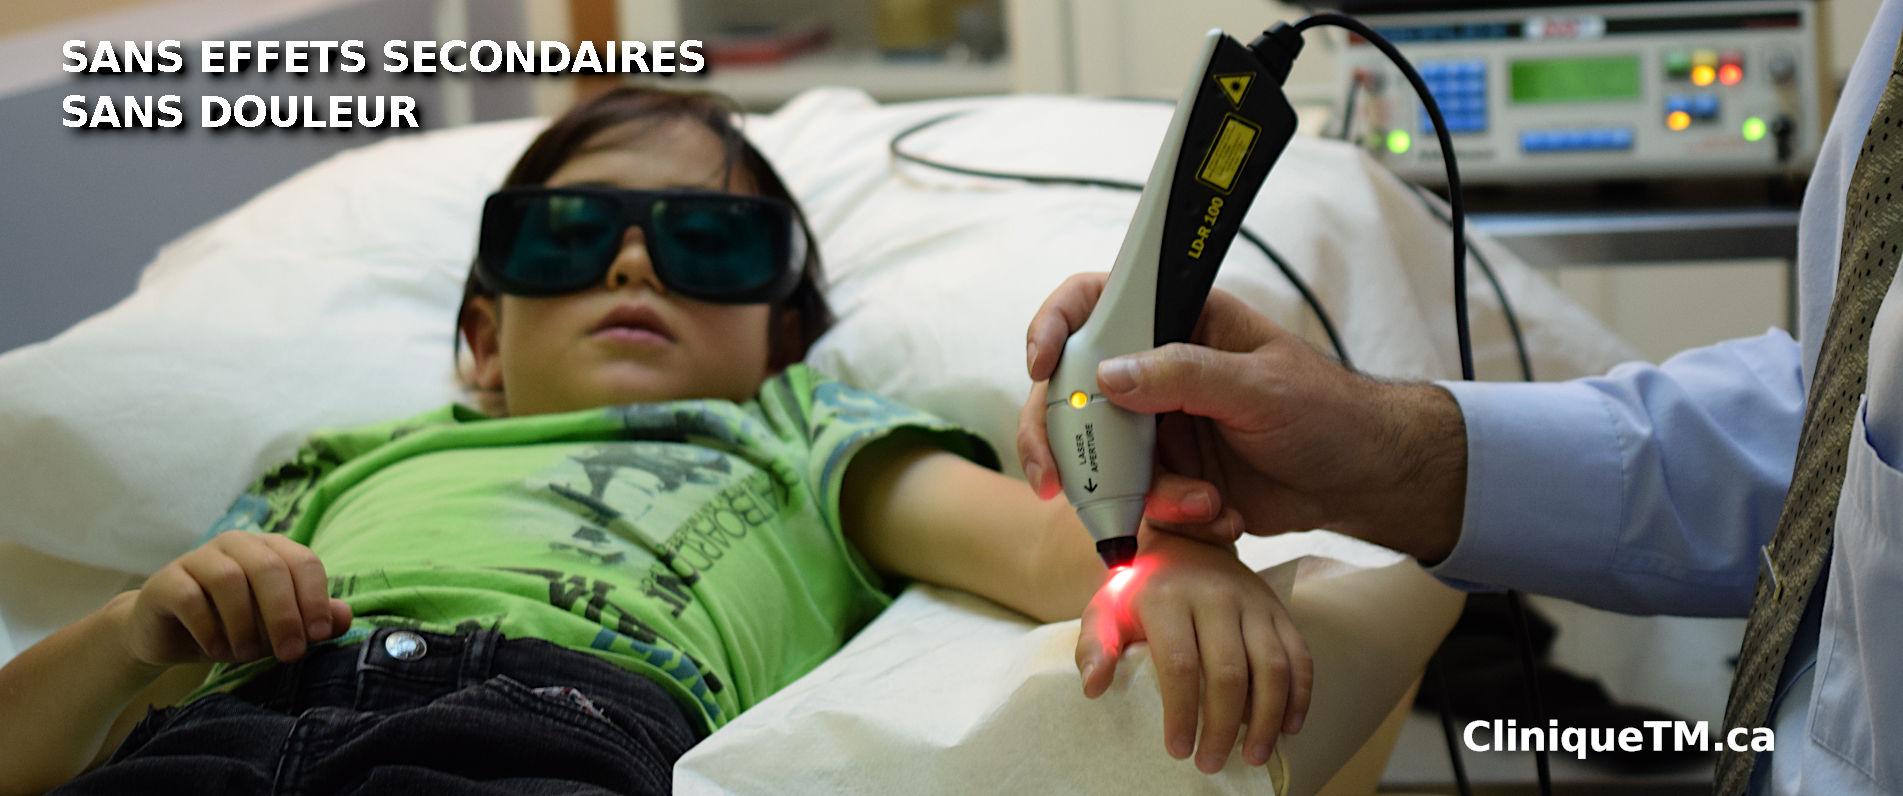 acupuncture au laser longueuil